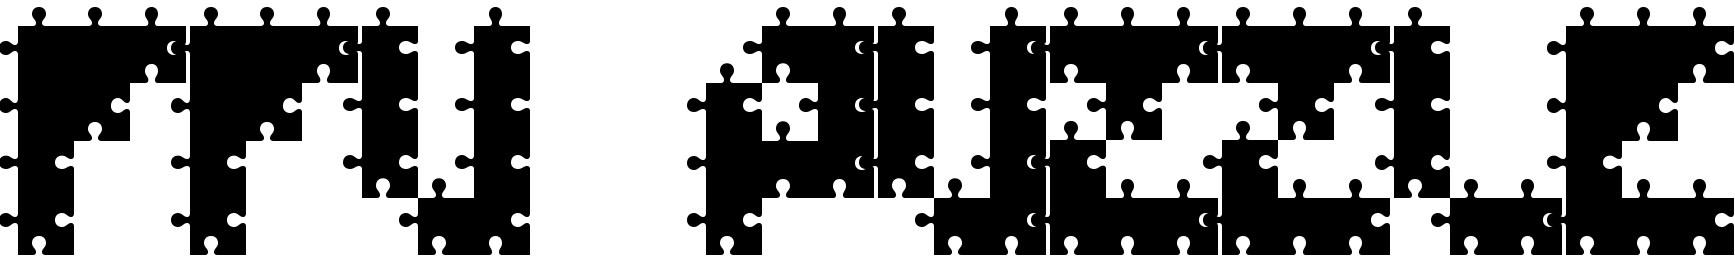 FFU Puzzle